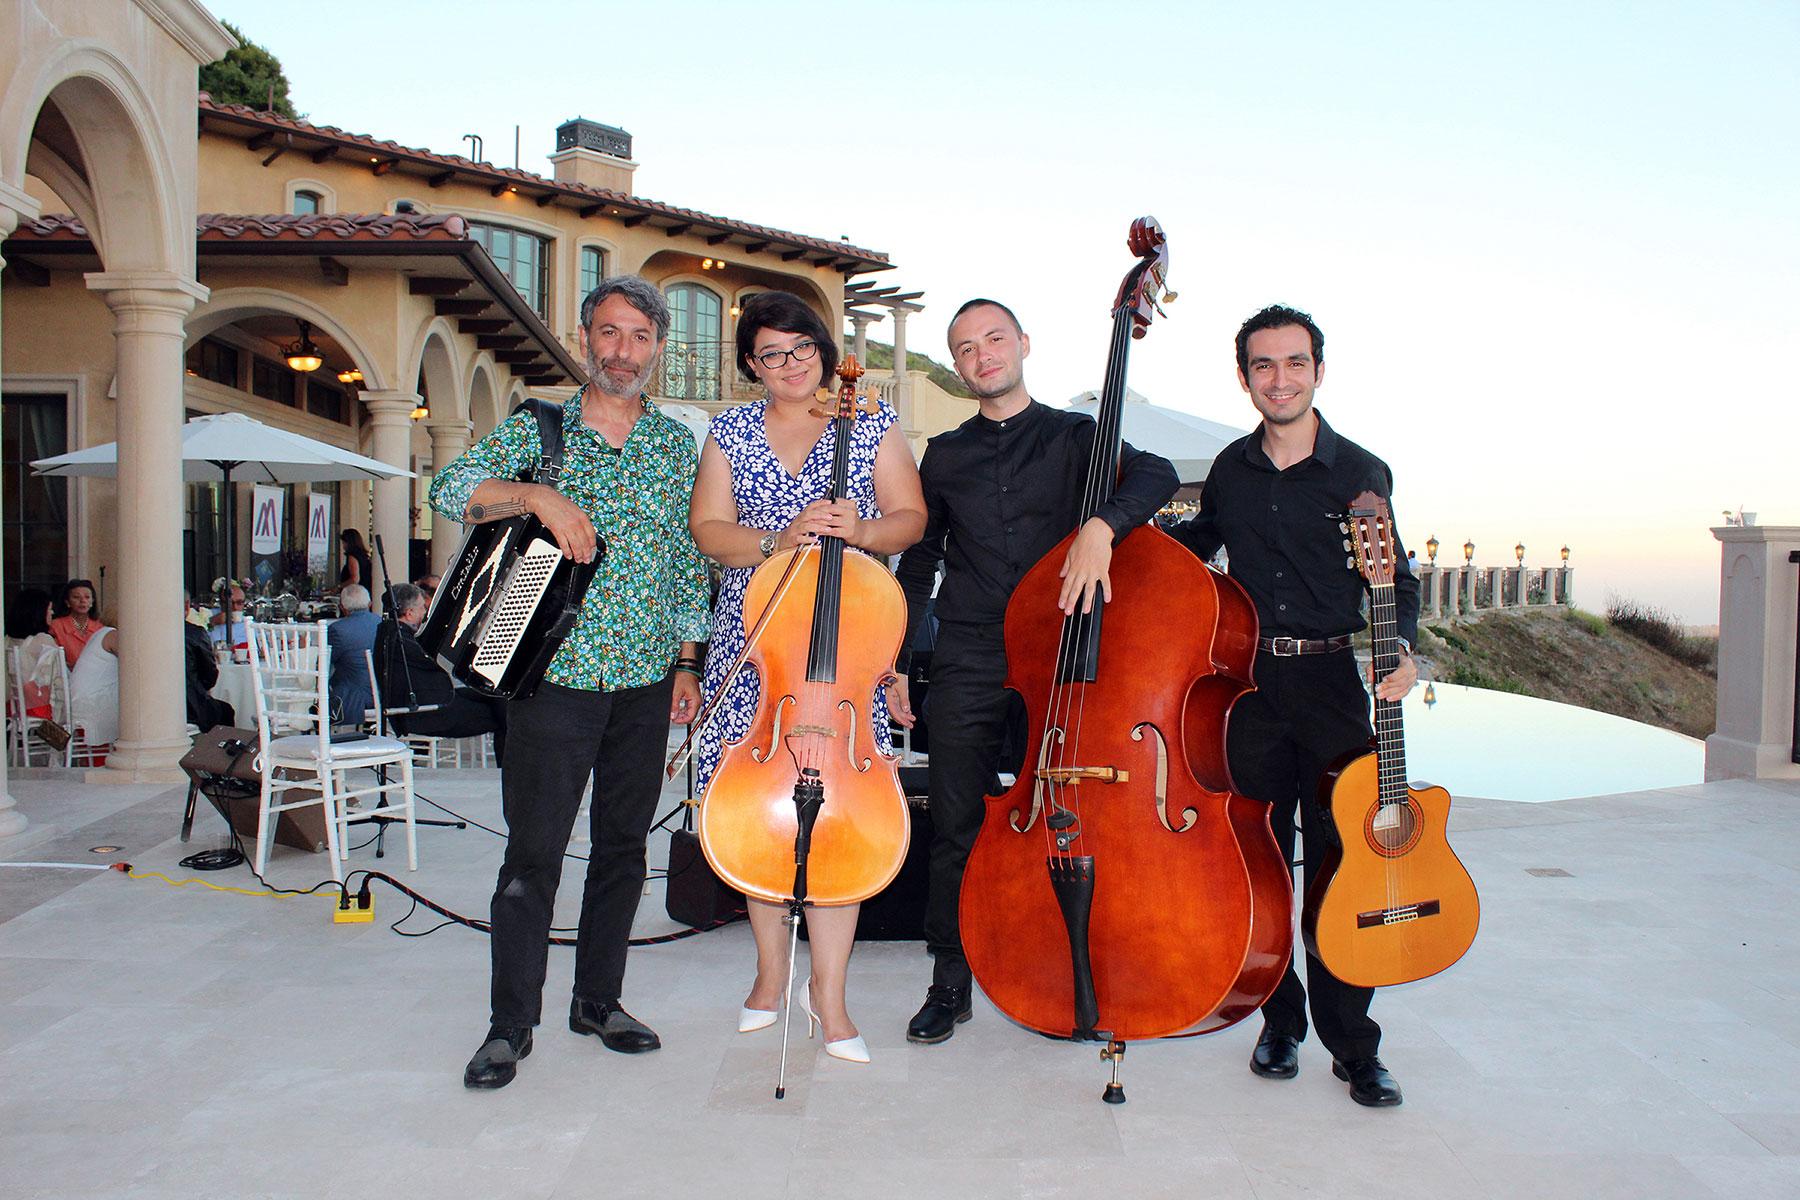 Ara Dabandjian and Members of the Element Band at the Armenian American Museum Malibu Reception